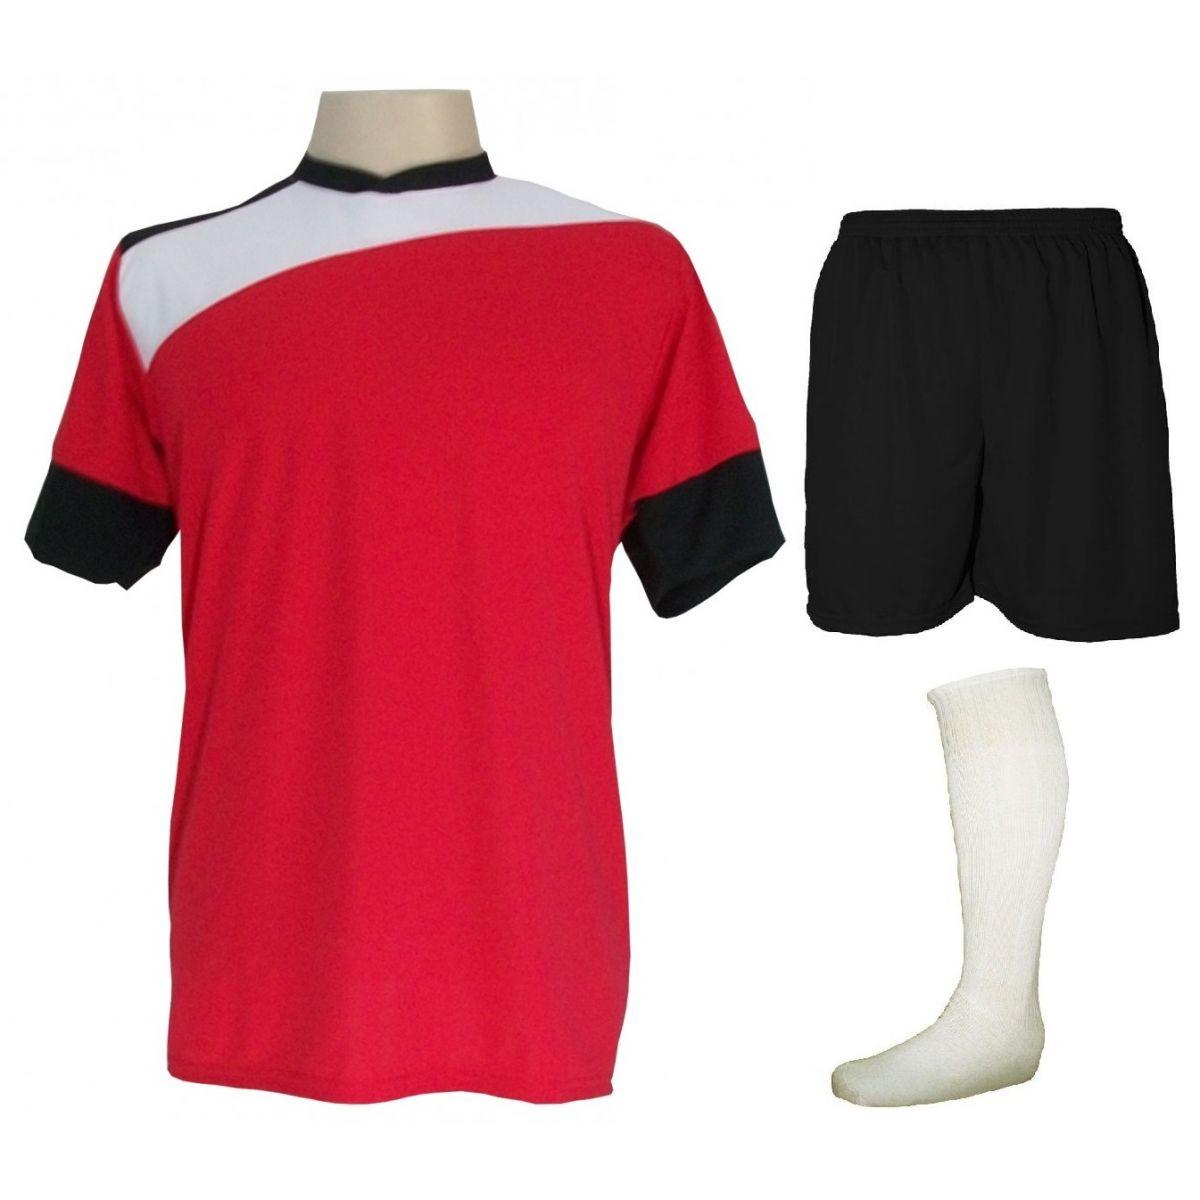 Uniforme Esportivo Completo modelo Sporting 14+1 (14 camisas Vermelho/Branco/Preto + 14 calções Madrid Preto + 14 pares de meiões Brancos + 1 conjunto de goleiro) + Brindes